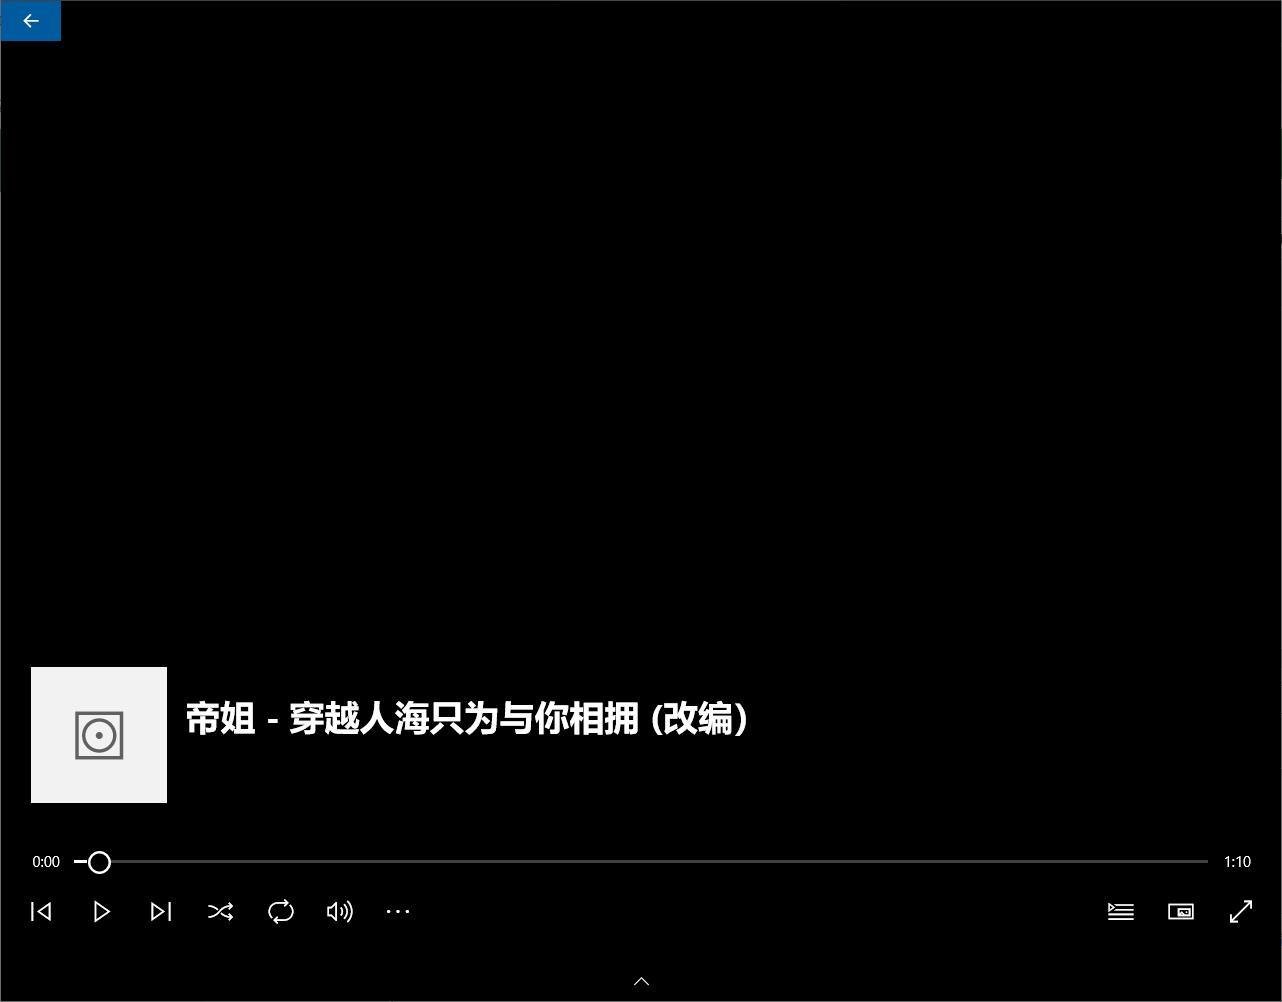 帝姐 - 穿越人海只为与你相拥 (改编)